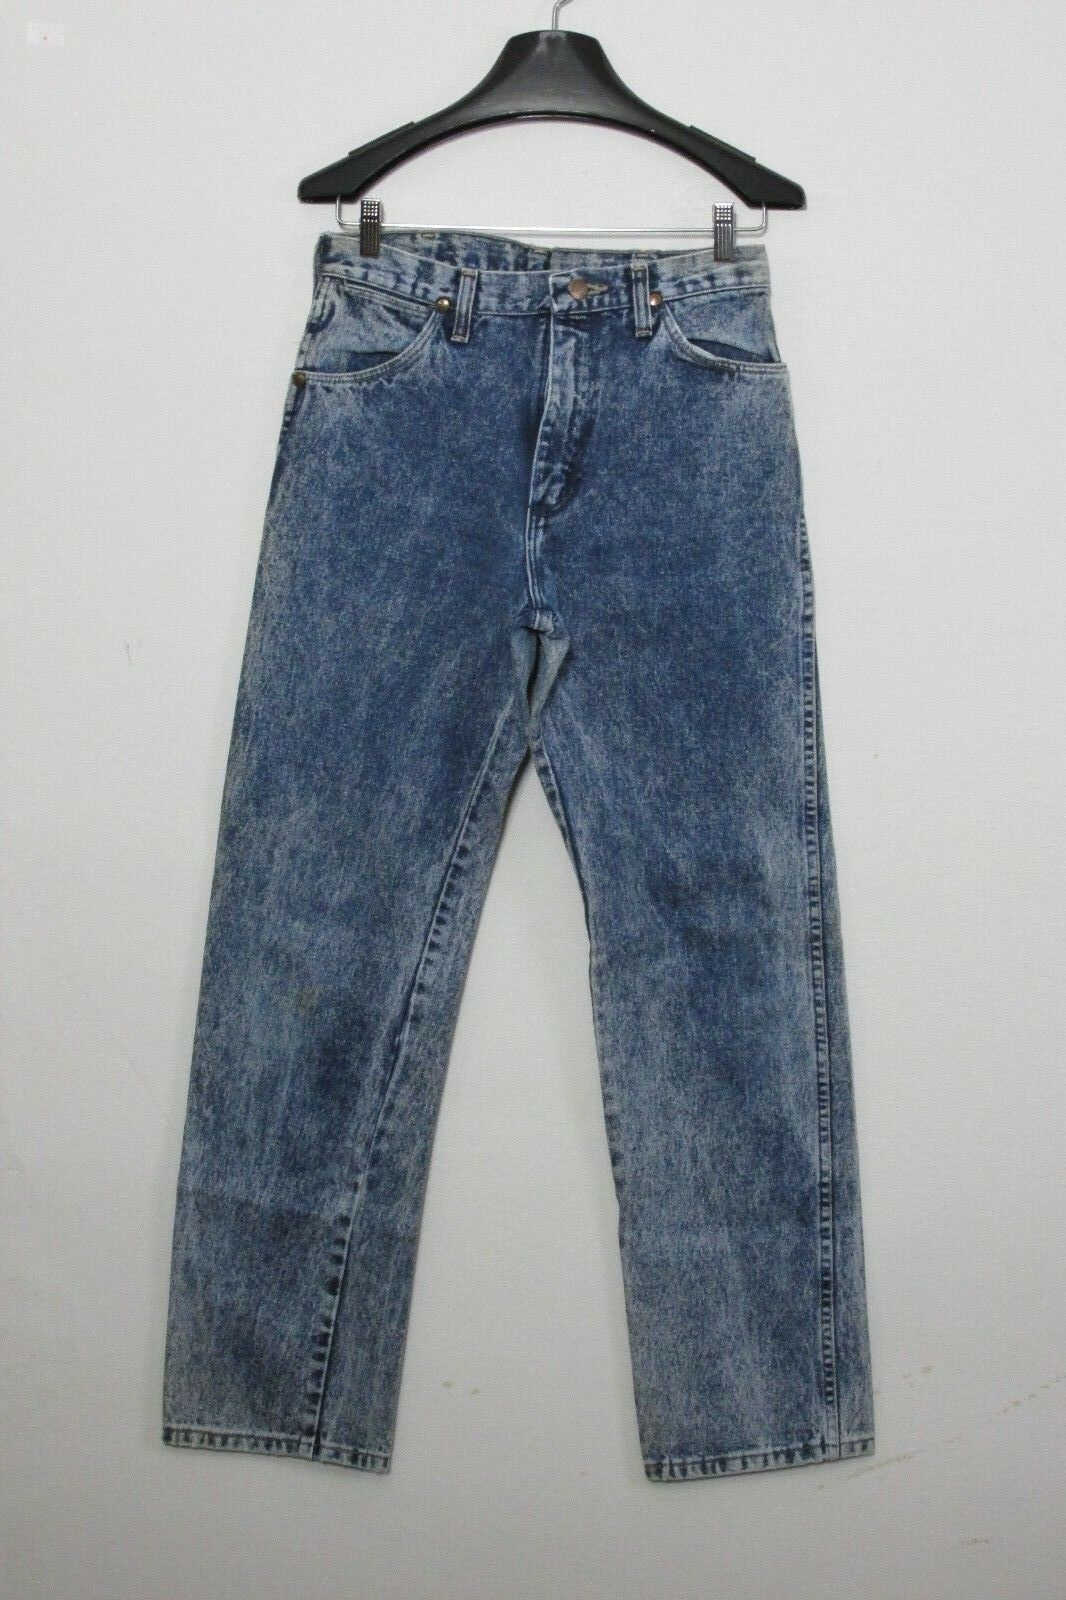 Wrangler Jeans Säure Wäsche 1990s Herren Gemessen 30x31 Tag-31x34 Verblasst Inv  | Nicht so teuer  | Sehen Sie die Welt aus der Perspektive des Kindes  | Exquisite (in) Verarbeitung